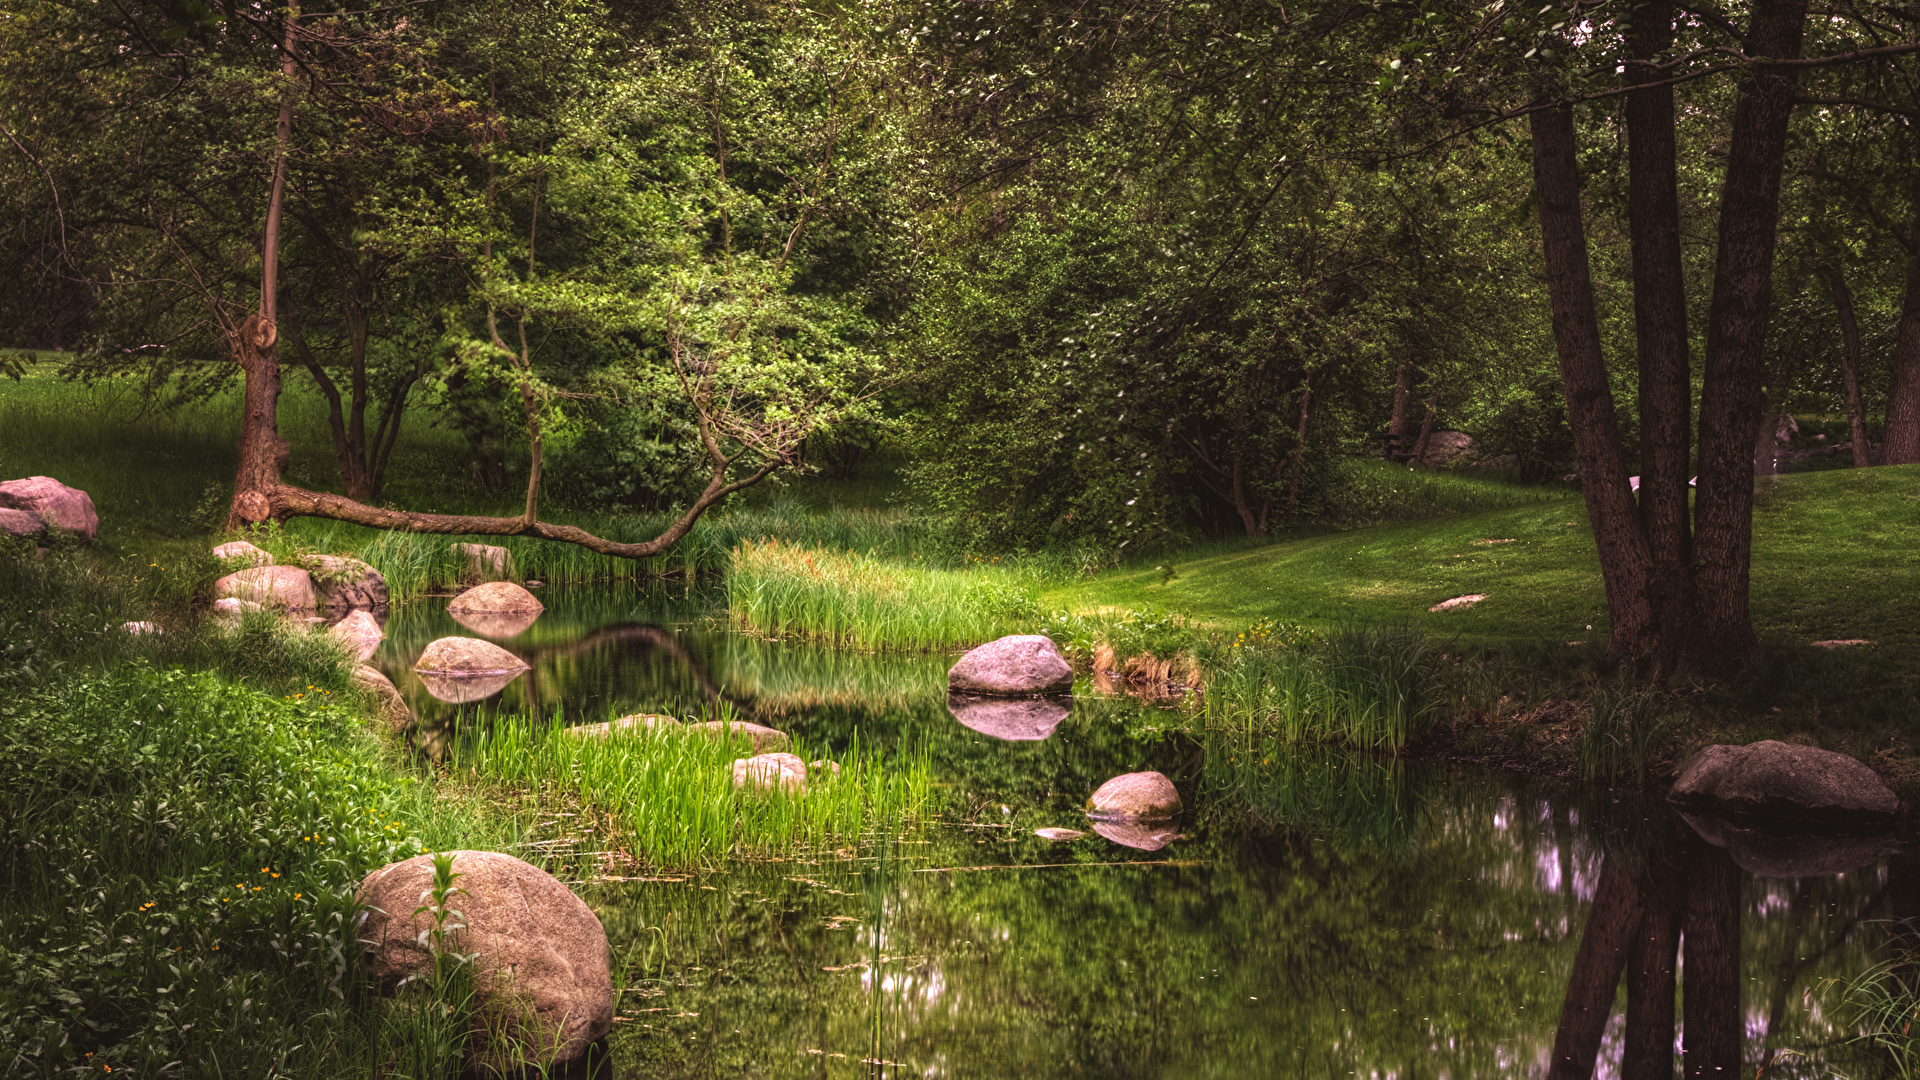 1920x1080、ベルリン、ドイツ、公園、石、池、Britzer Garten、木、自然、